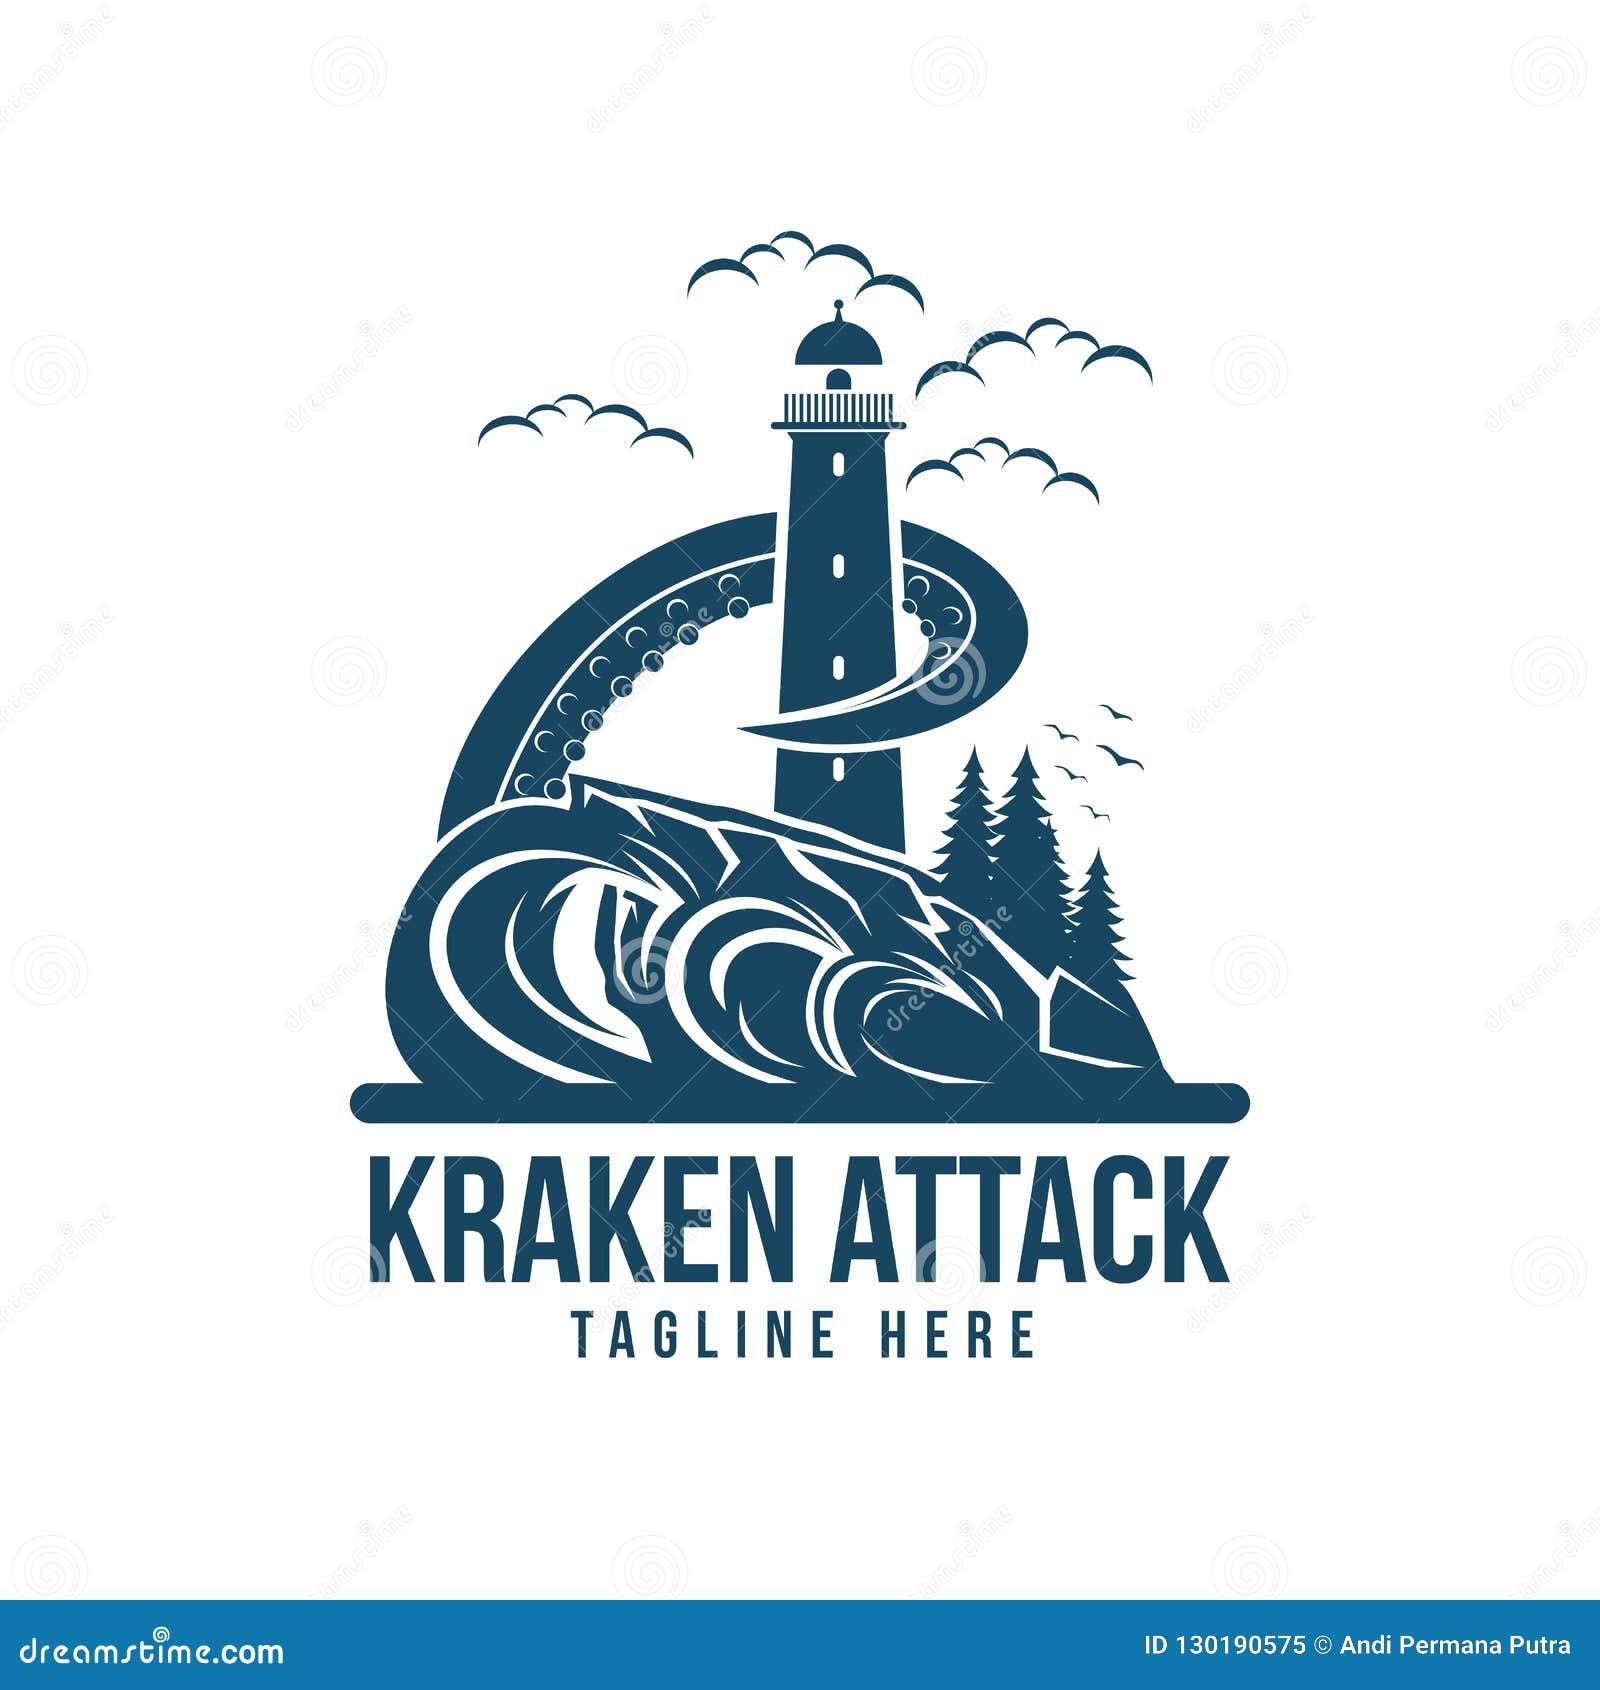 Kraken attack vector design illustration